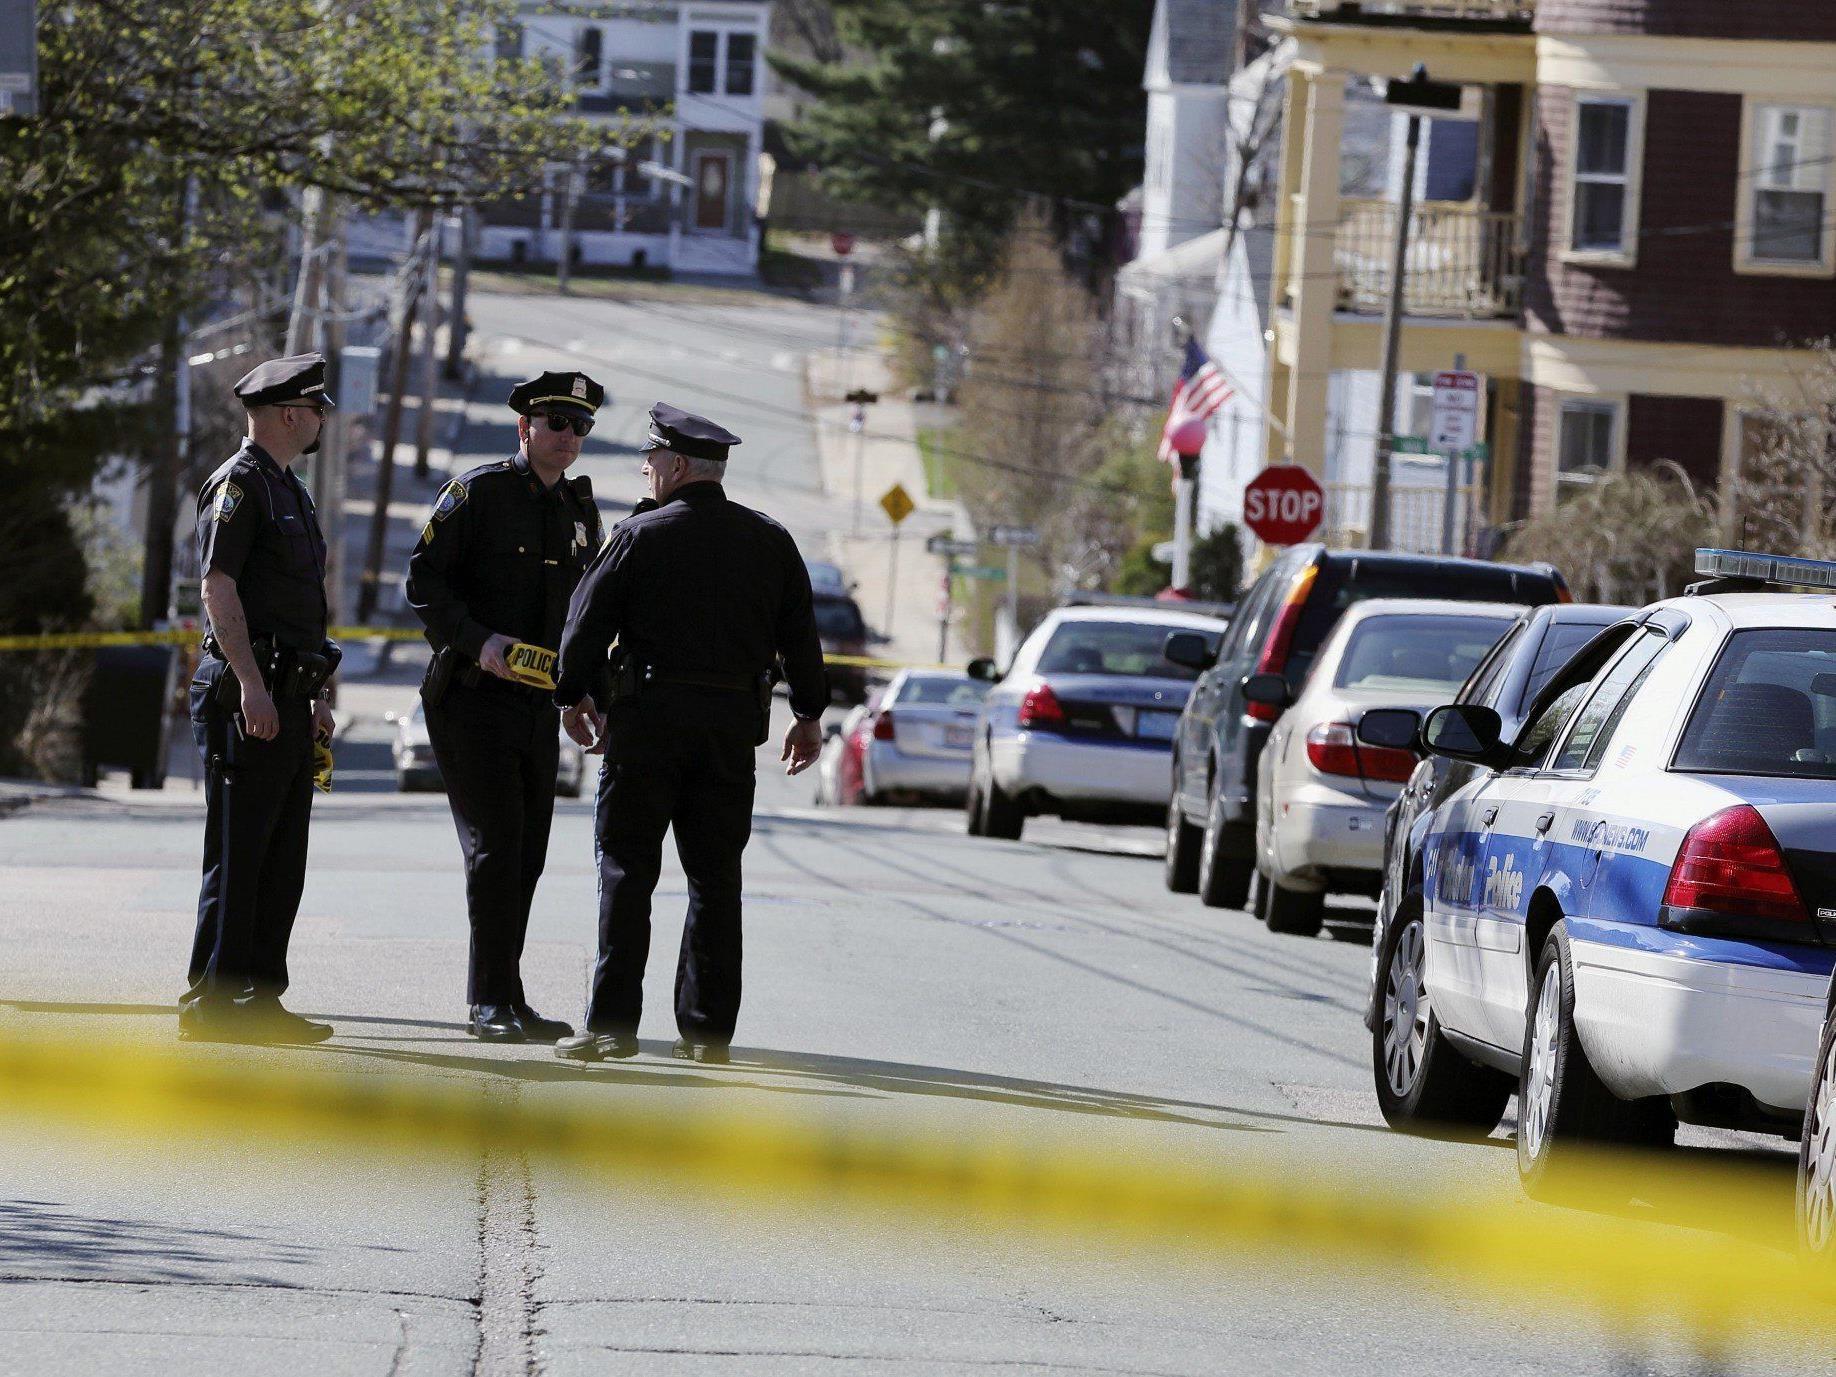 Unter Berufung auf namentlich nicht genannte Quellen berichtete CNN, ein Tatverdächtiger sei identifiziert.